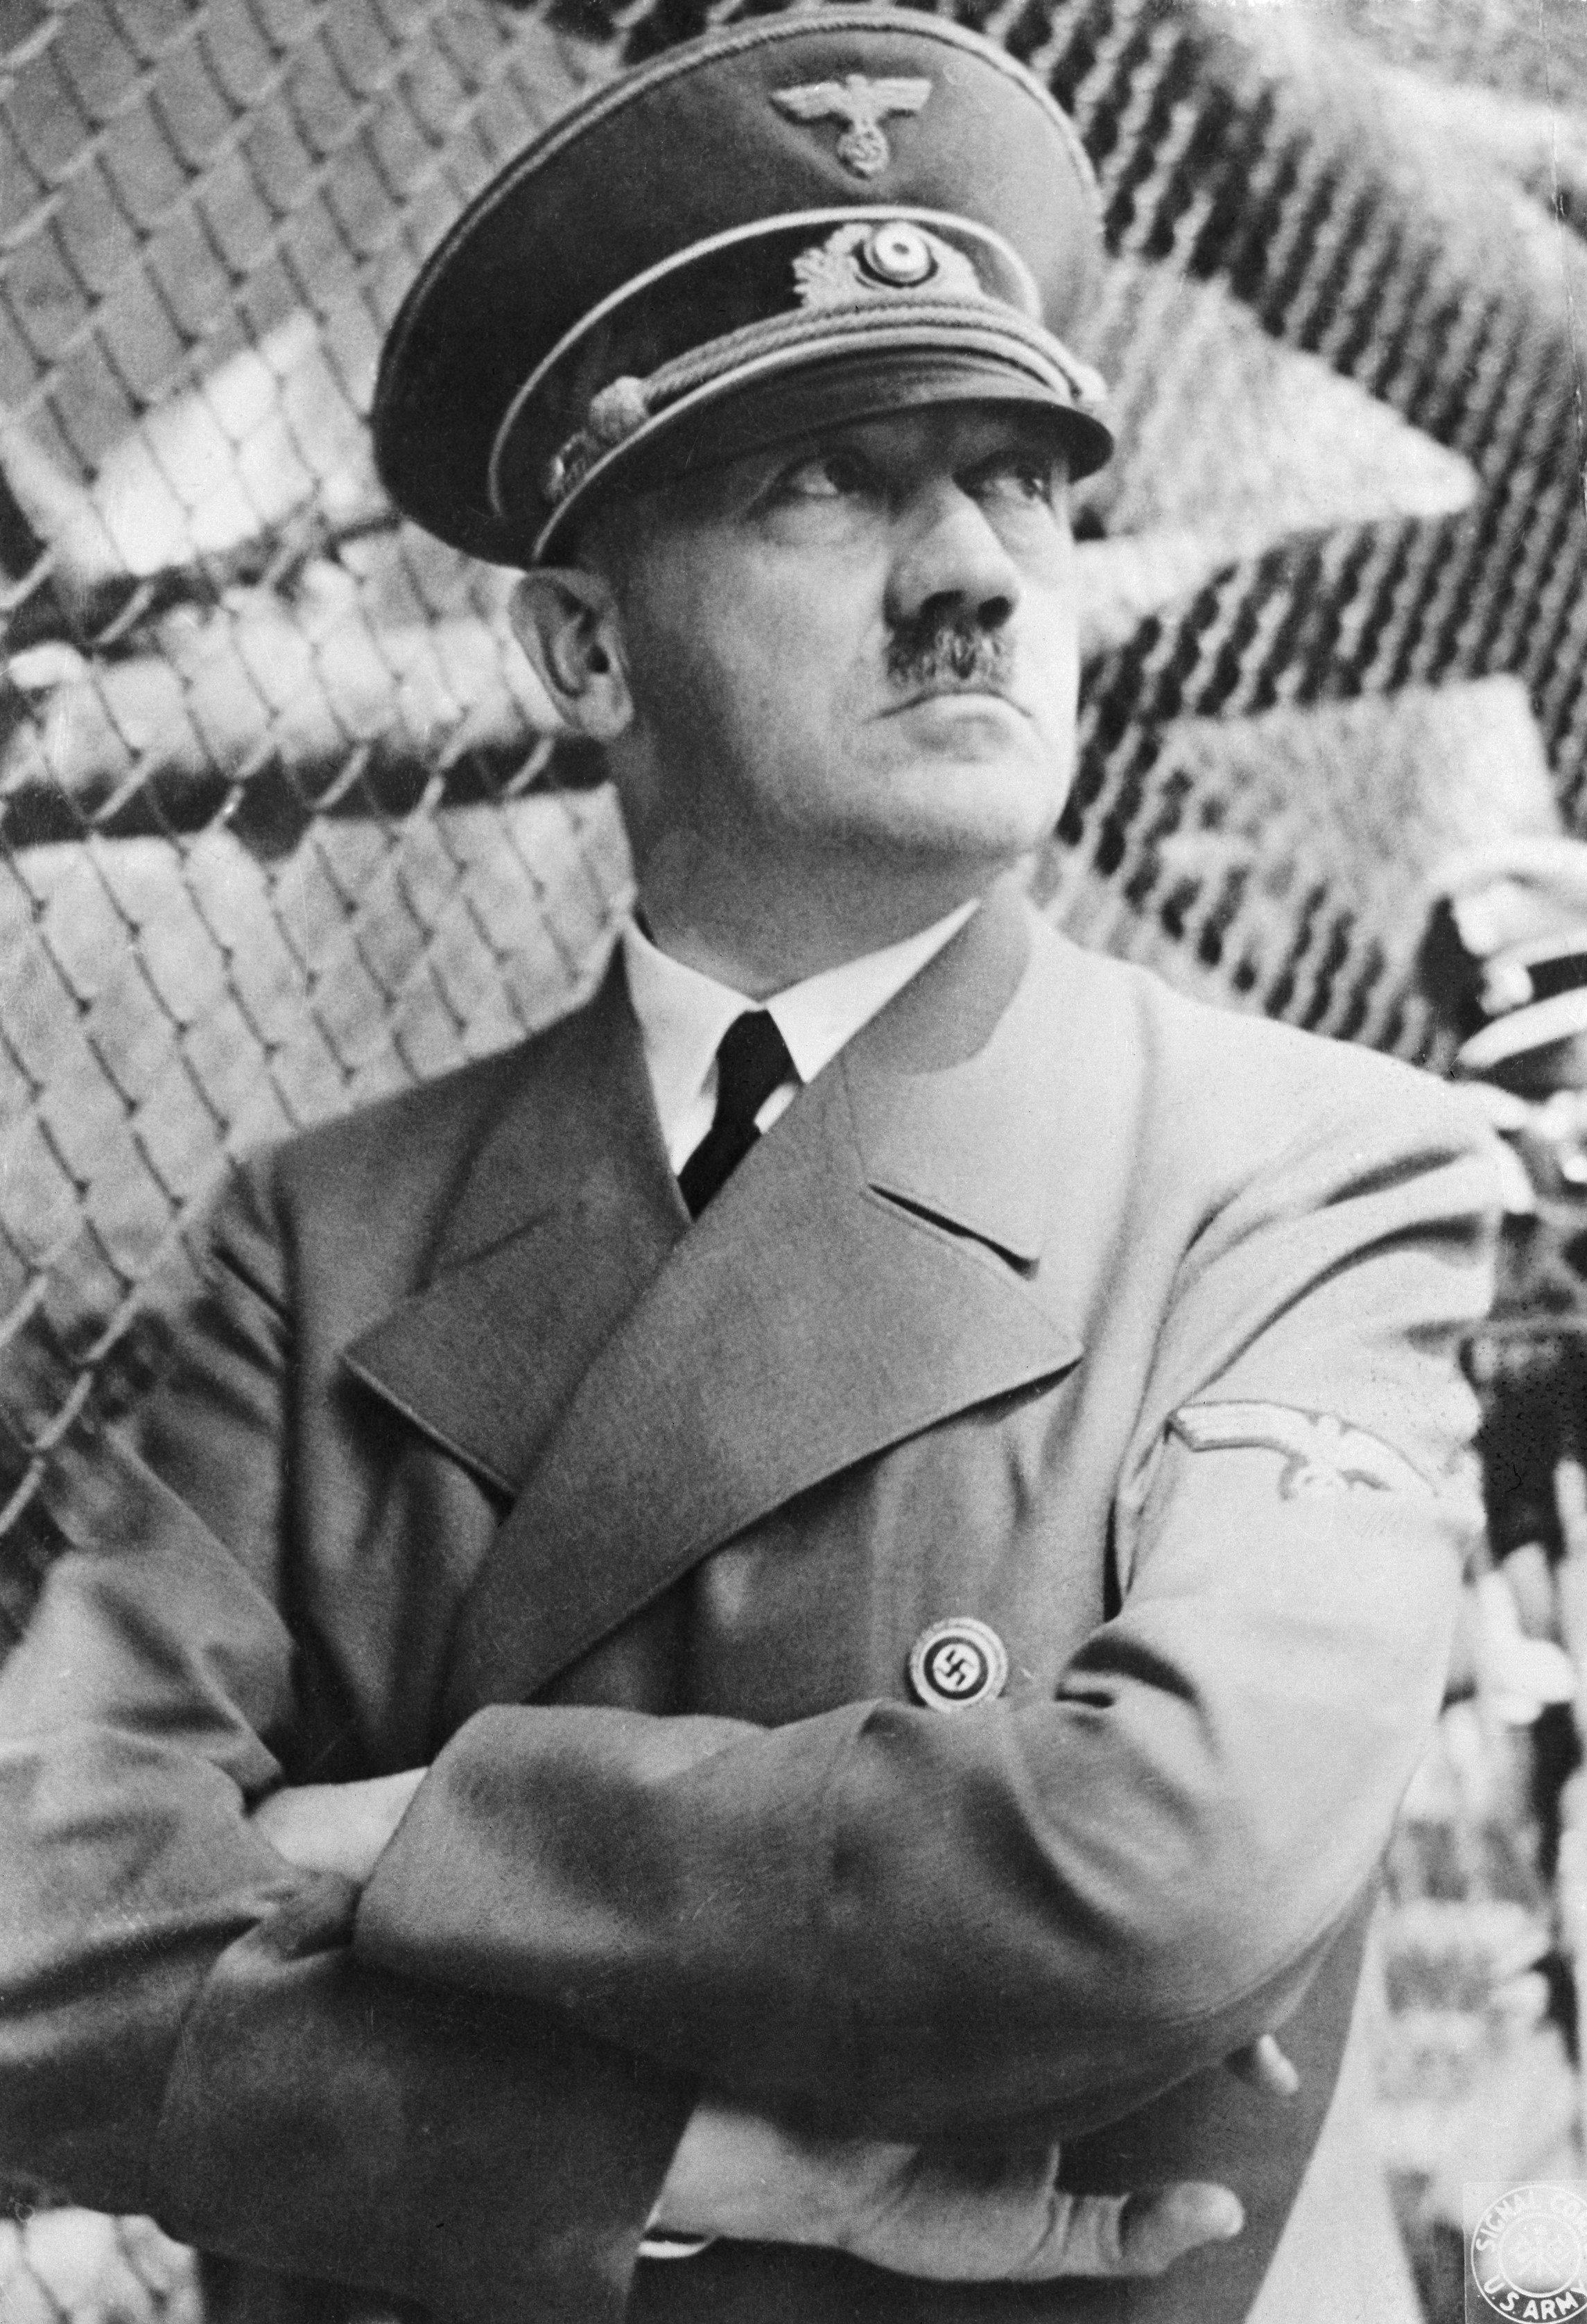 '히틀러 생존설'에 대해 프랑스 연구팀이 옛 KGB 창고를 뒤져 밝혀낸